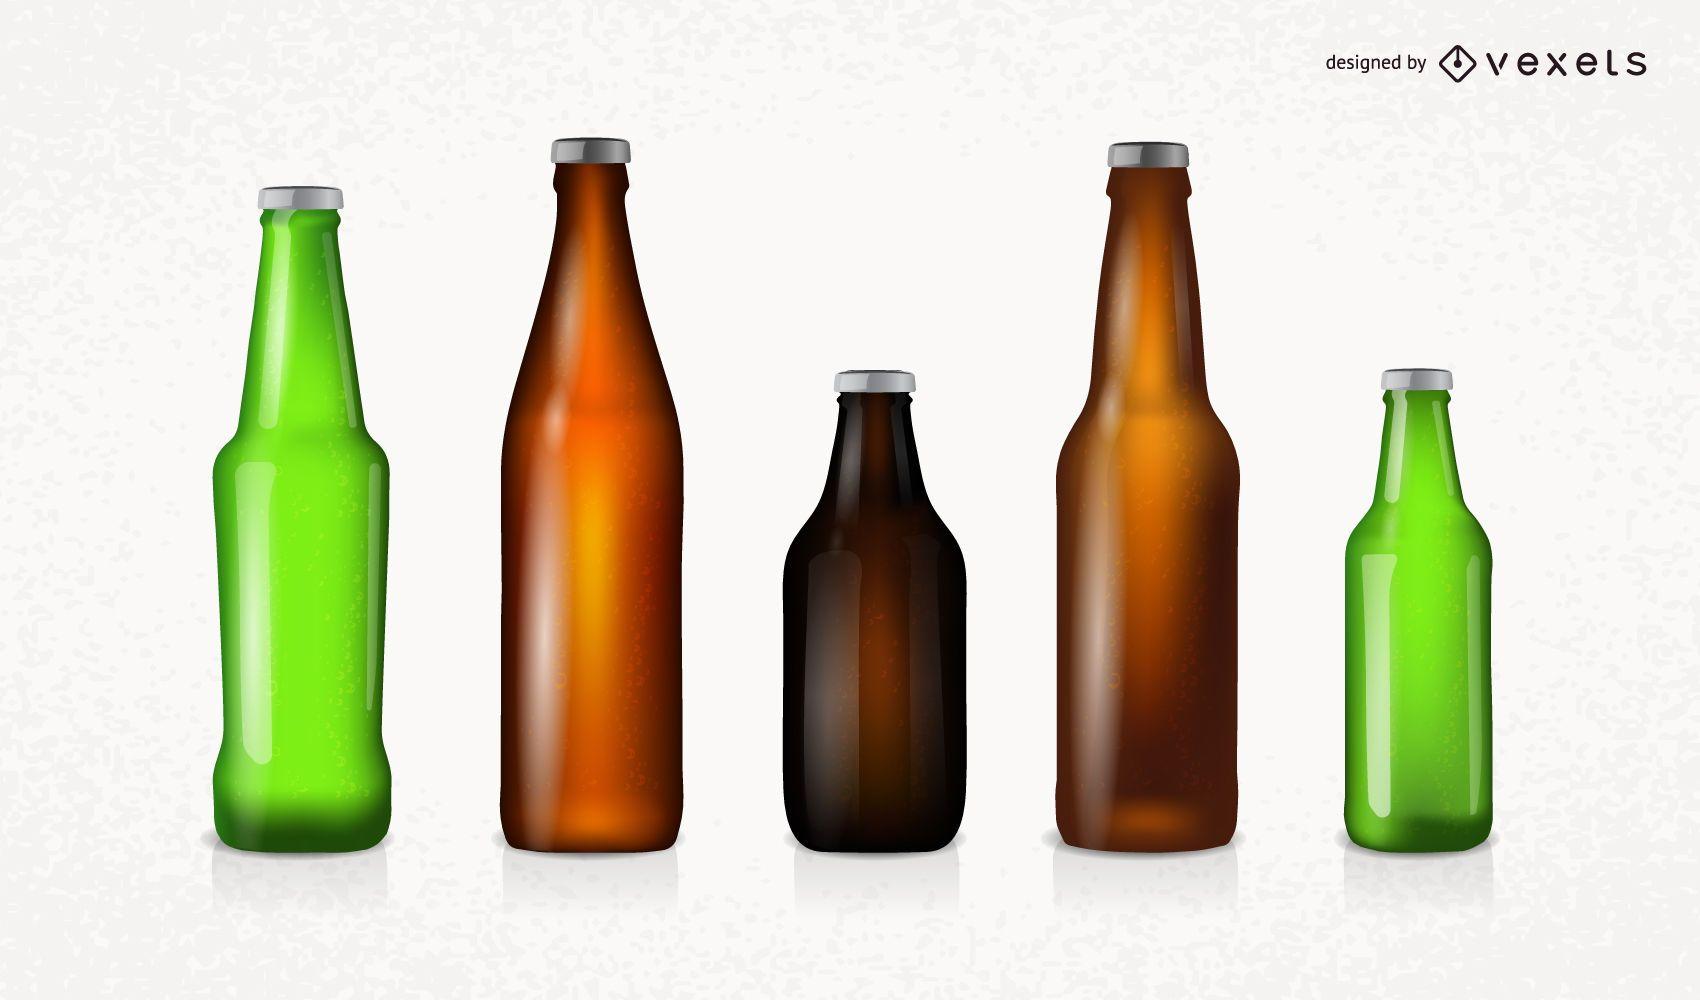 Hyper realistic beer bottle set